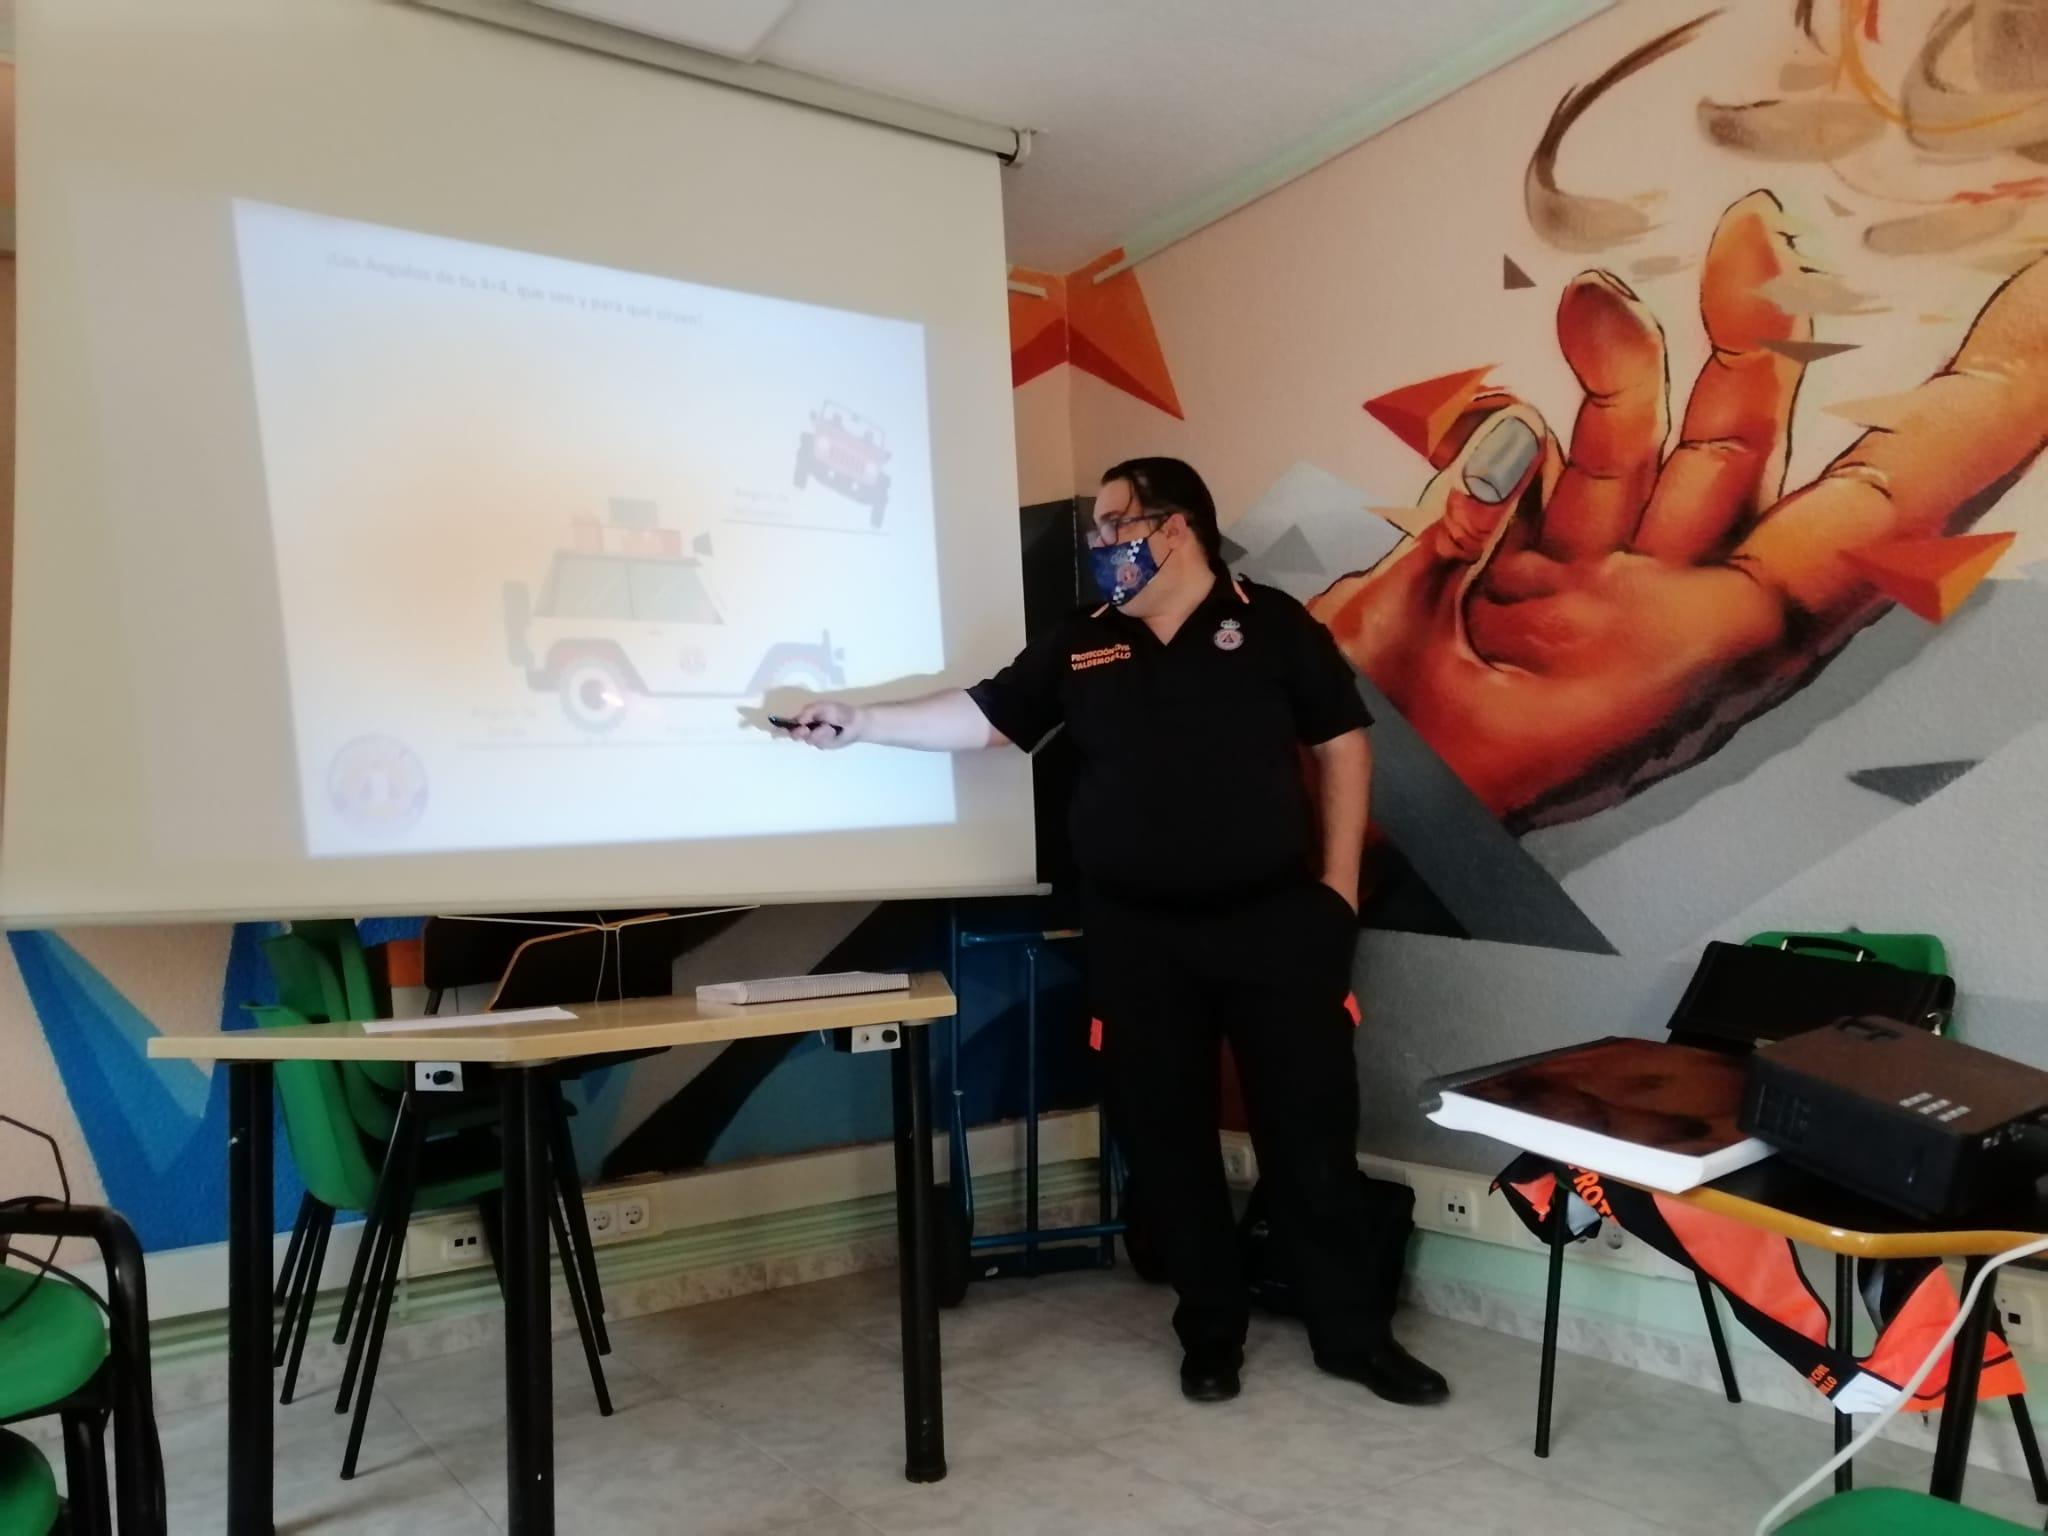 Los voluntarios de Protección Civil de Valdemorillo reciben formación especializada para un mejor manejo de vehículos de tracción integral